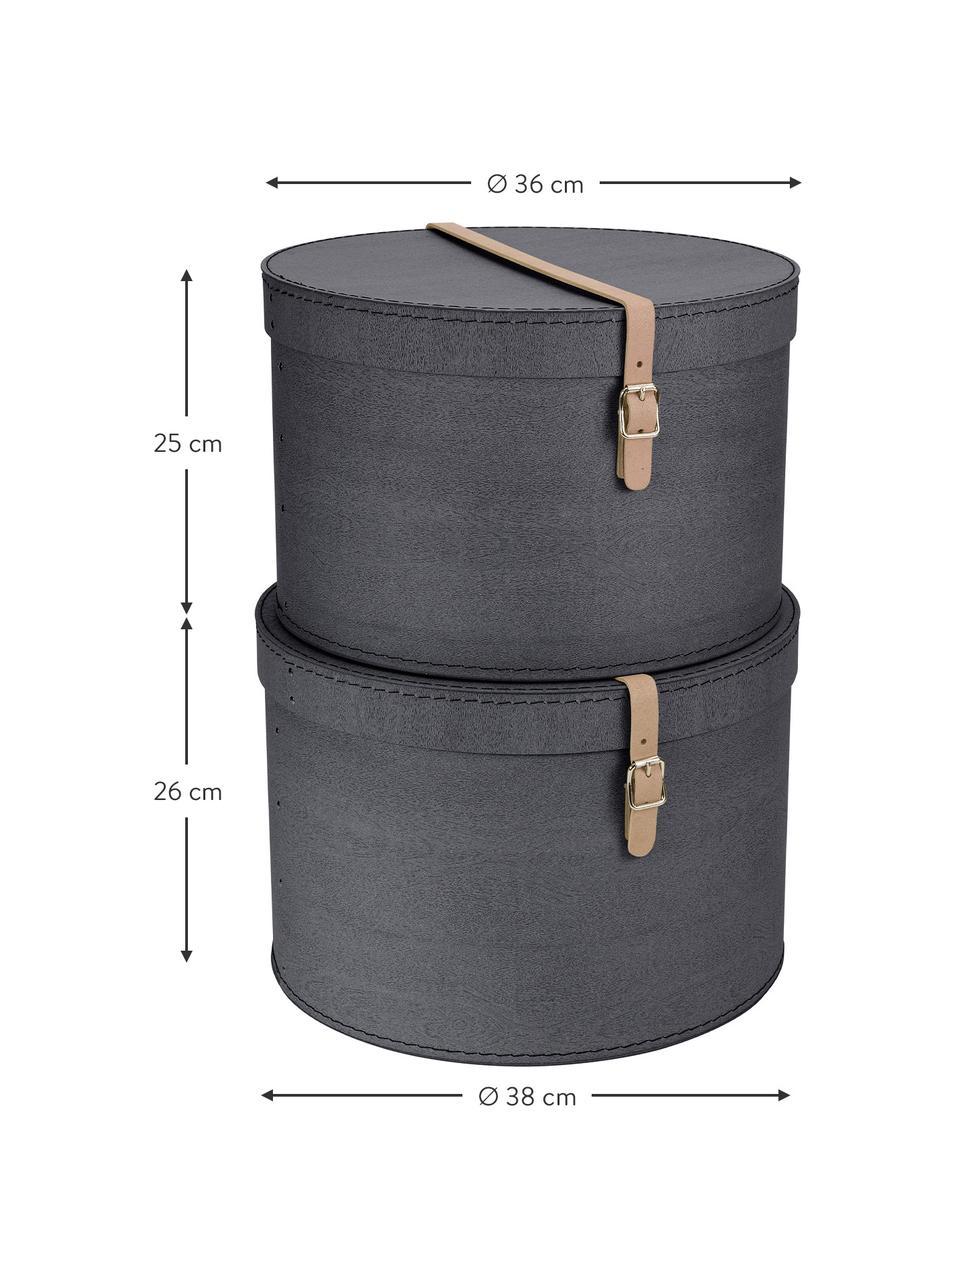 Komplet pudełek do przechowywania Rut, 2elem., Pudełko na zewnątrz: czarny Pudełko wewnątrz: czarny Uchwyt: beżowy, Komplet z różnymi rozmiarami